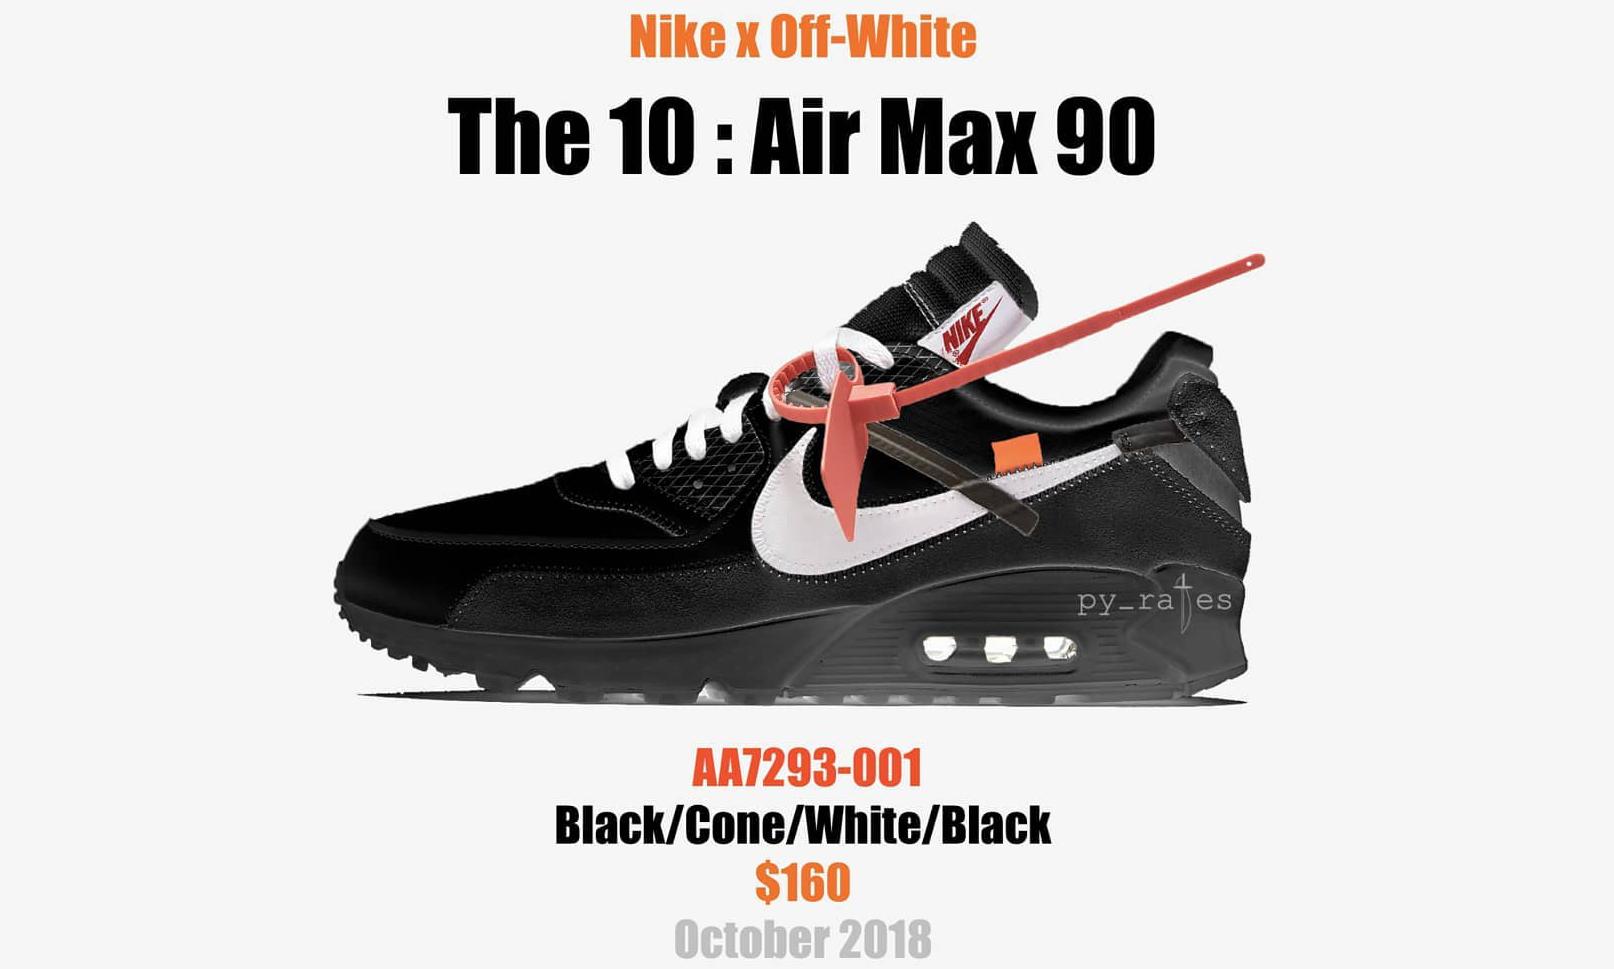 Virgil Abloh x NikeLab 2018 款 Air Max 90 联名模拟图曝光